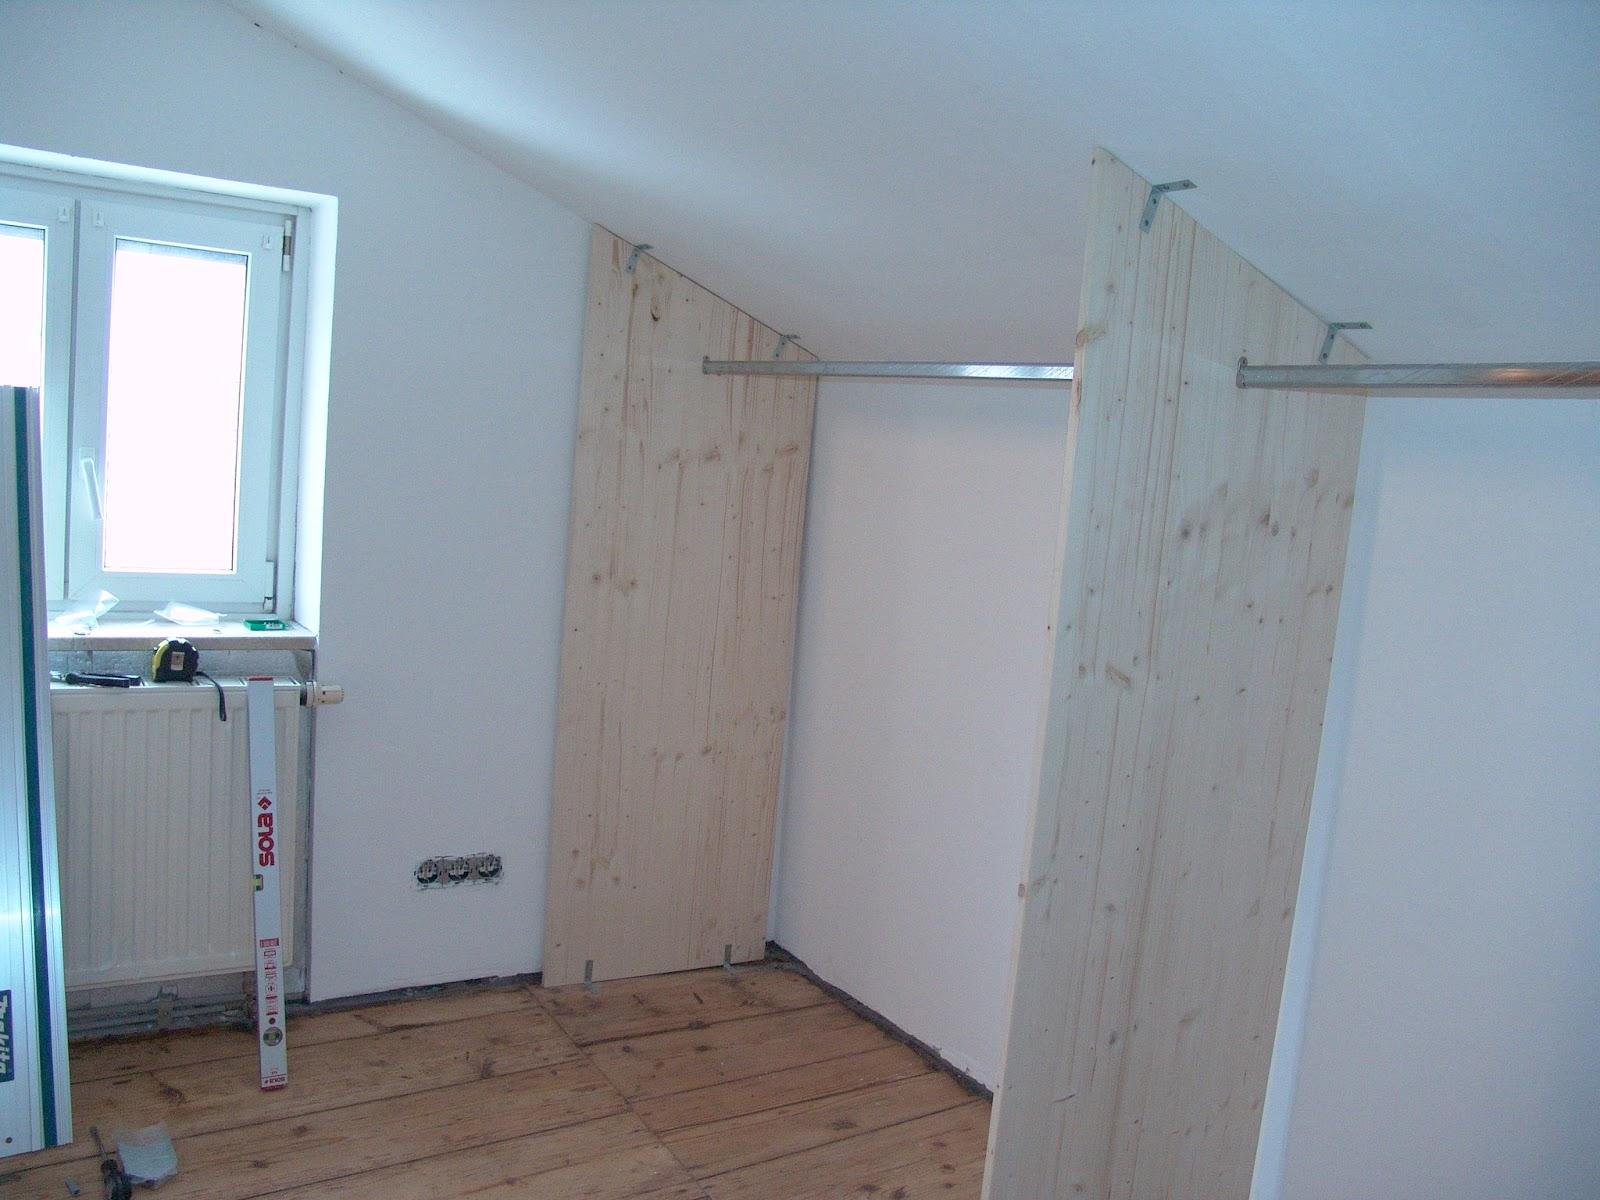 521 web server is down. Black Bedroom Furniture Sets. Home Design Ideas